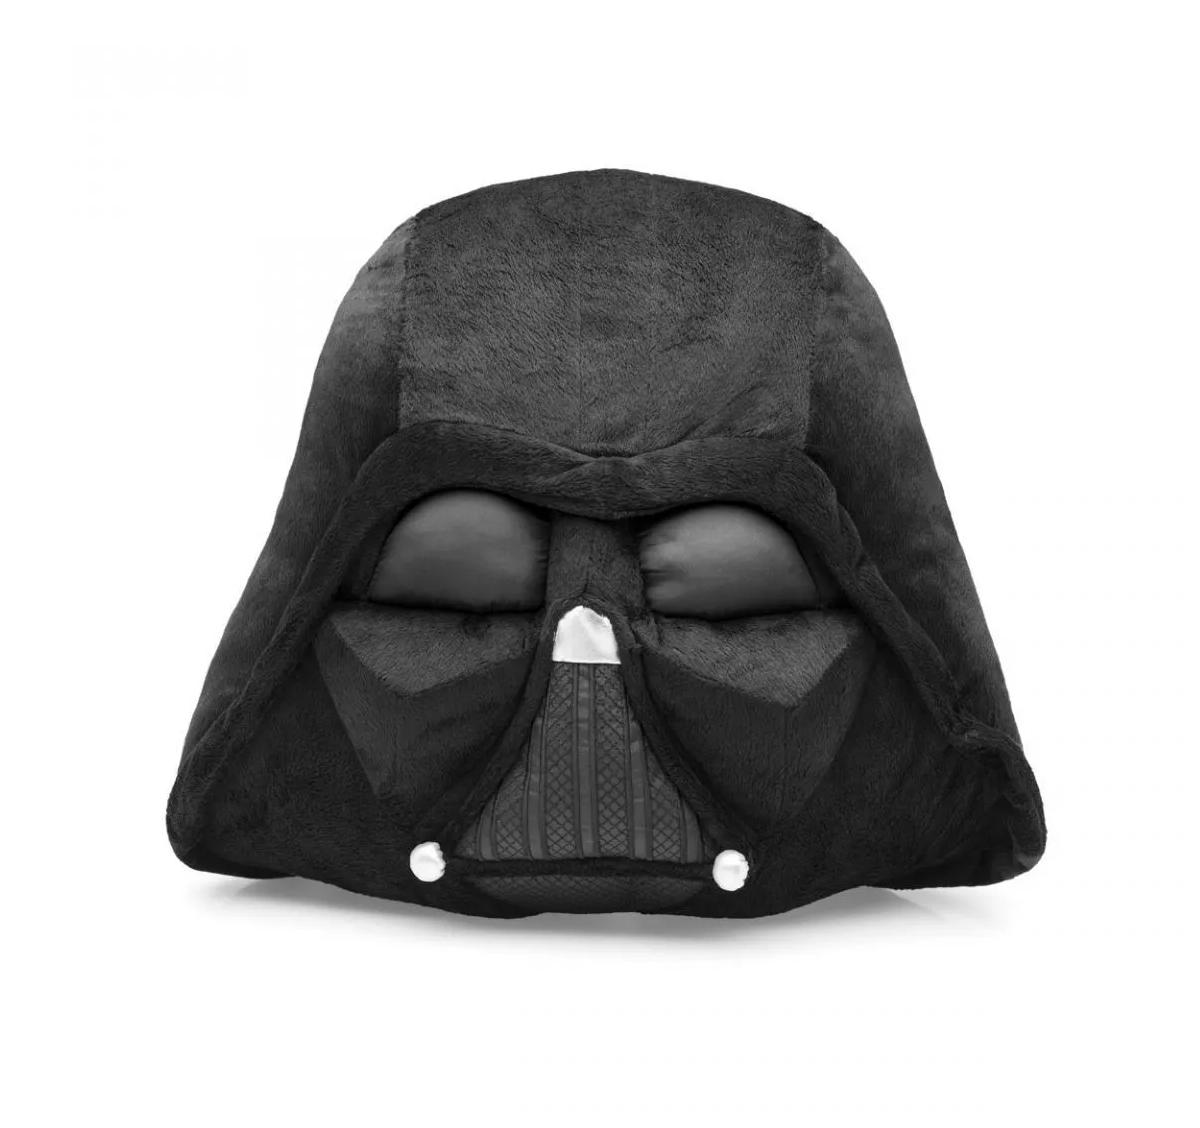 Almofada do Darth Vader (Foto: Divulgação)